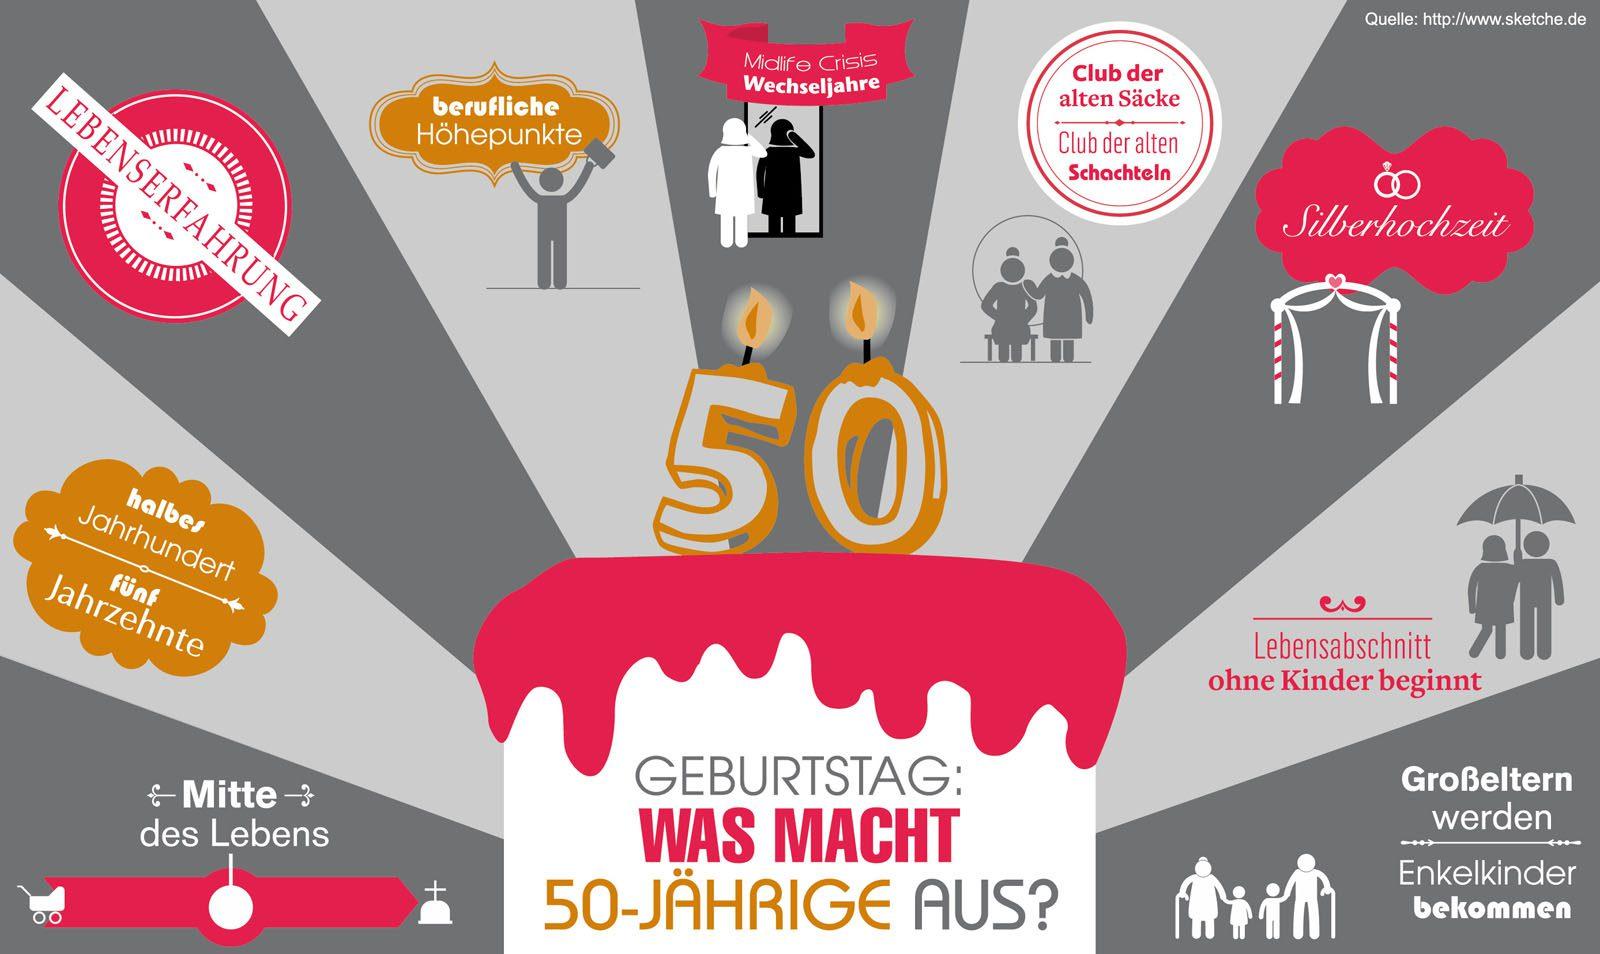 einladungen zum 50 geburtstag : einladungen zum 50. geburtstag, Einladungsentwurf